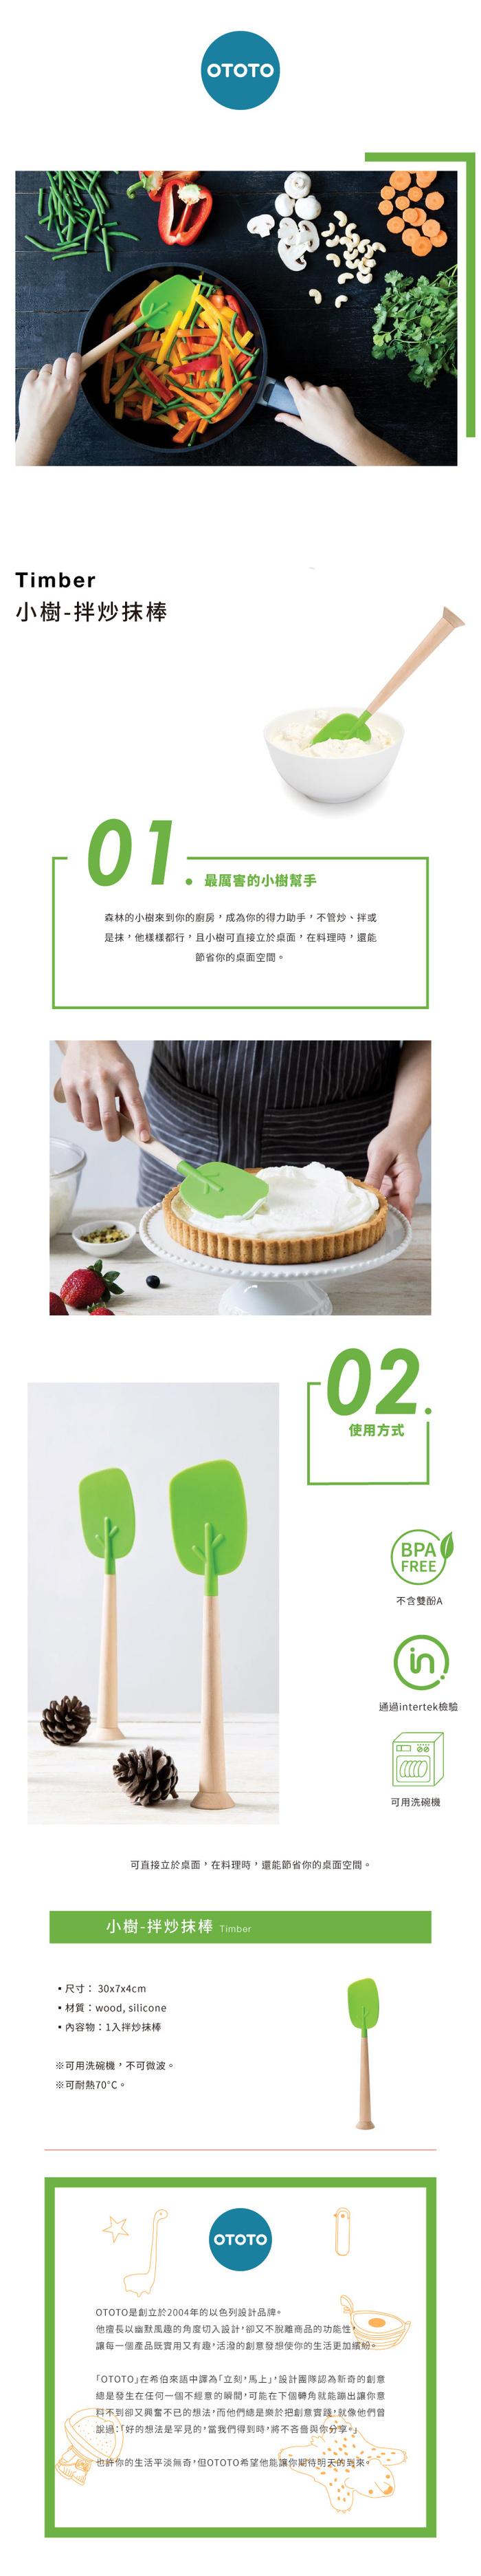 OTOTO|小樹-拌炒抹棒